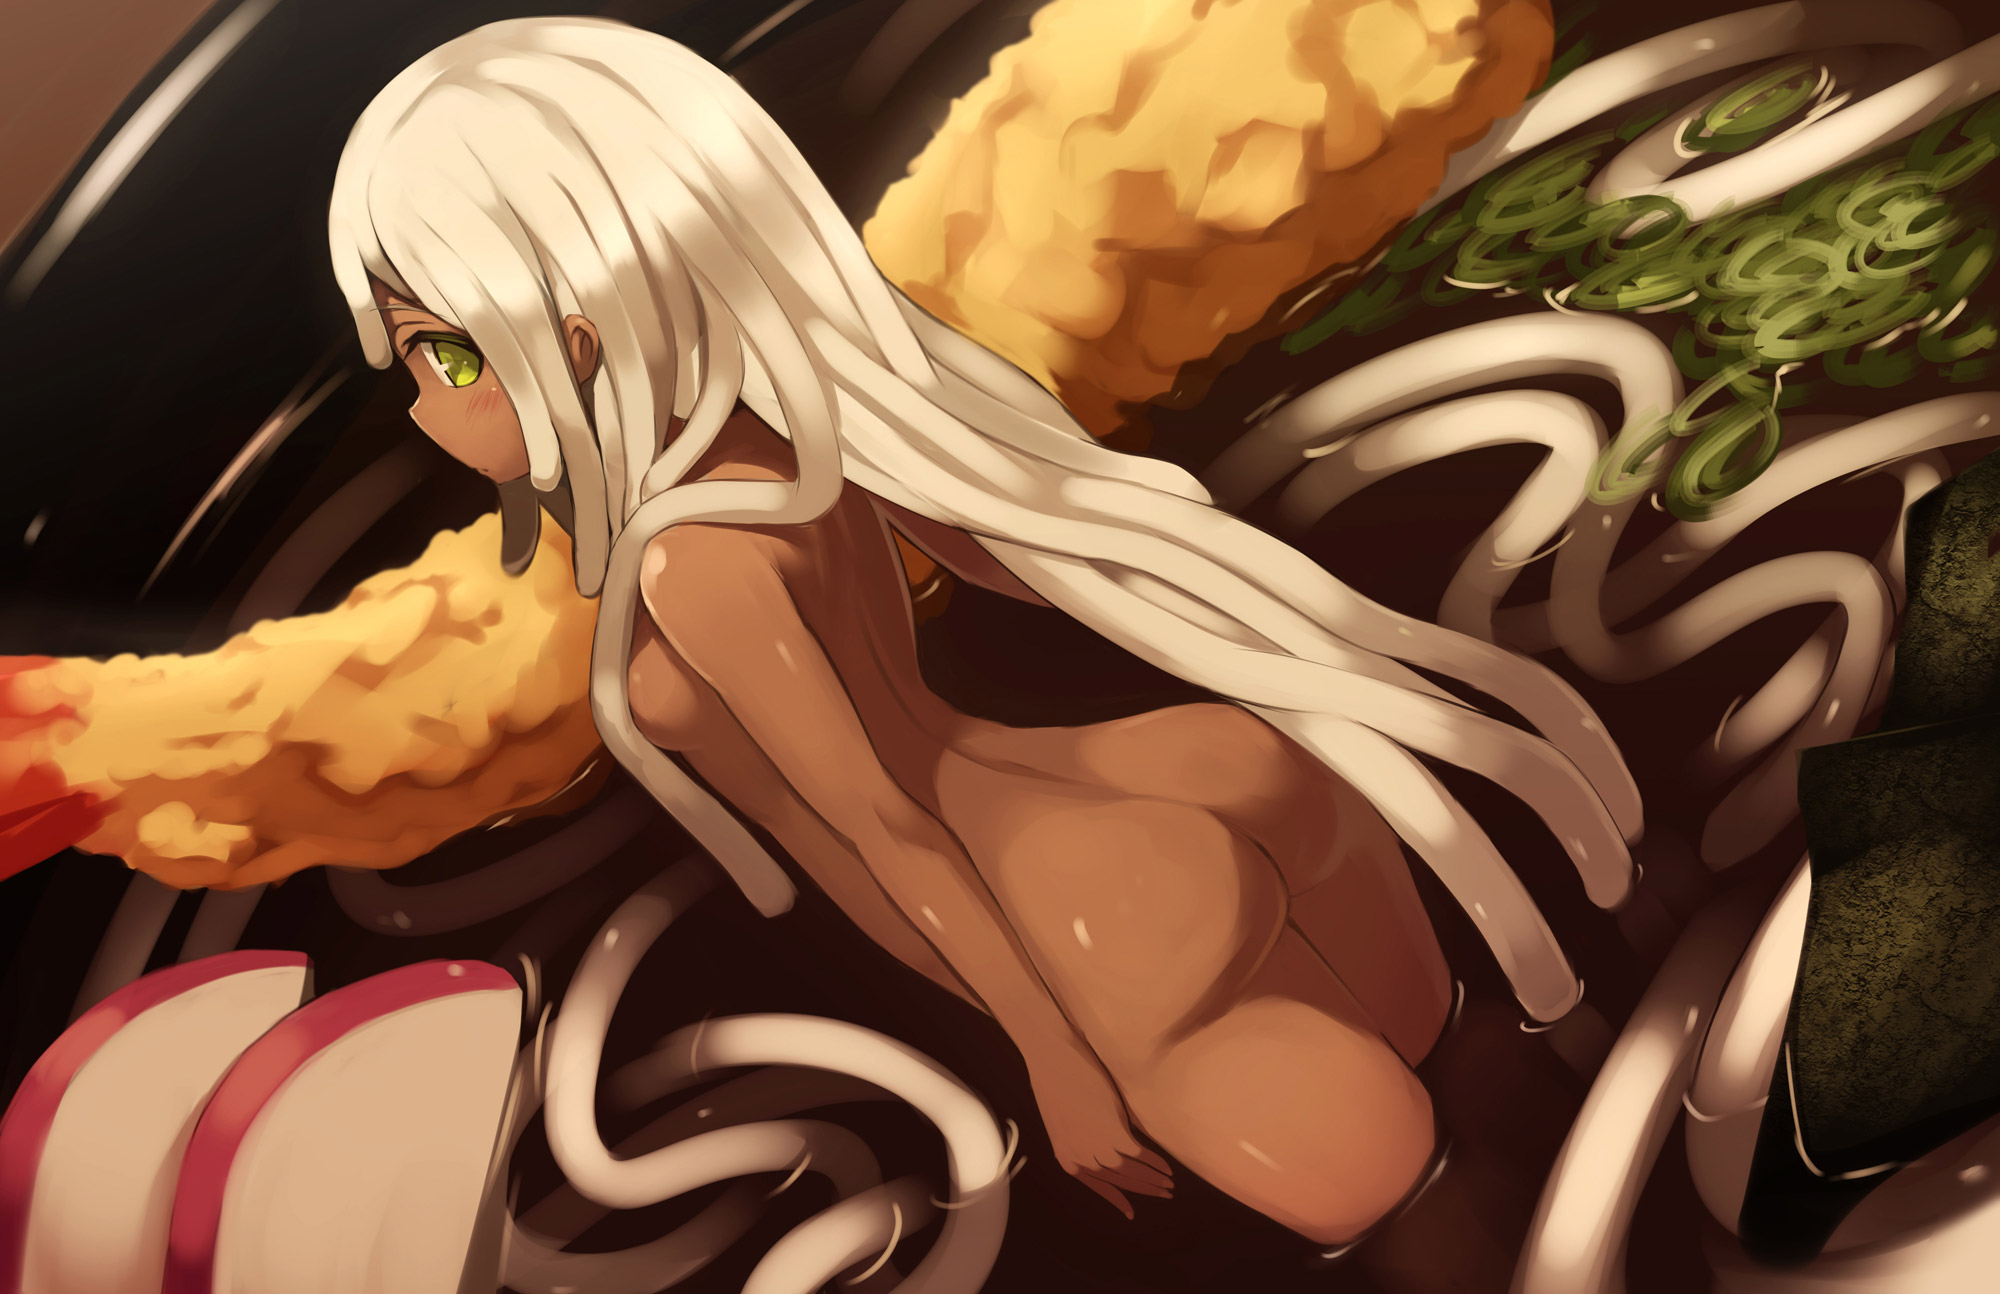 【おっぱい】リアルの女体盛りは絵が強すぎるからイラストで雰囲気を探ろう!w【39枚】 04